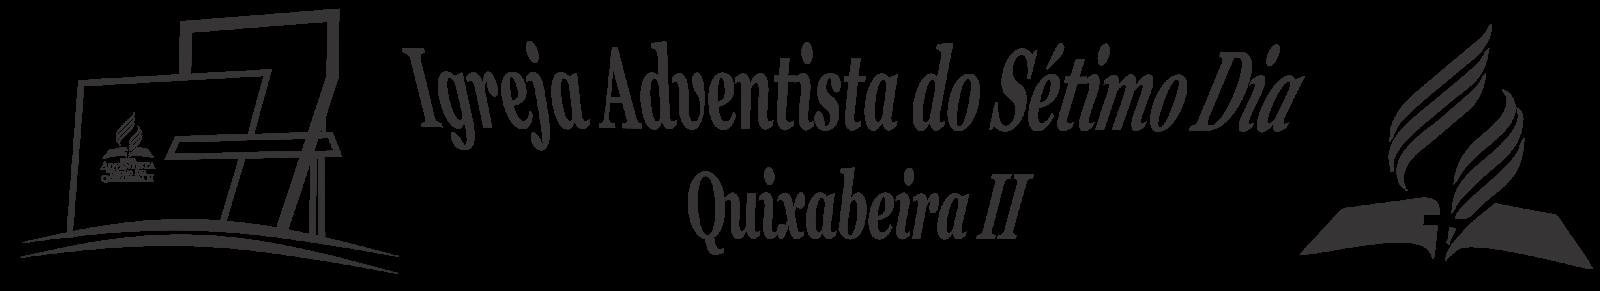 IASD Quixabeira II